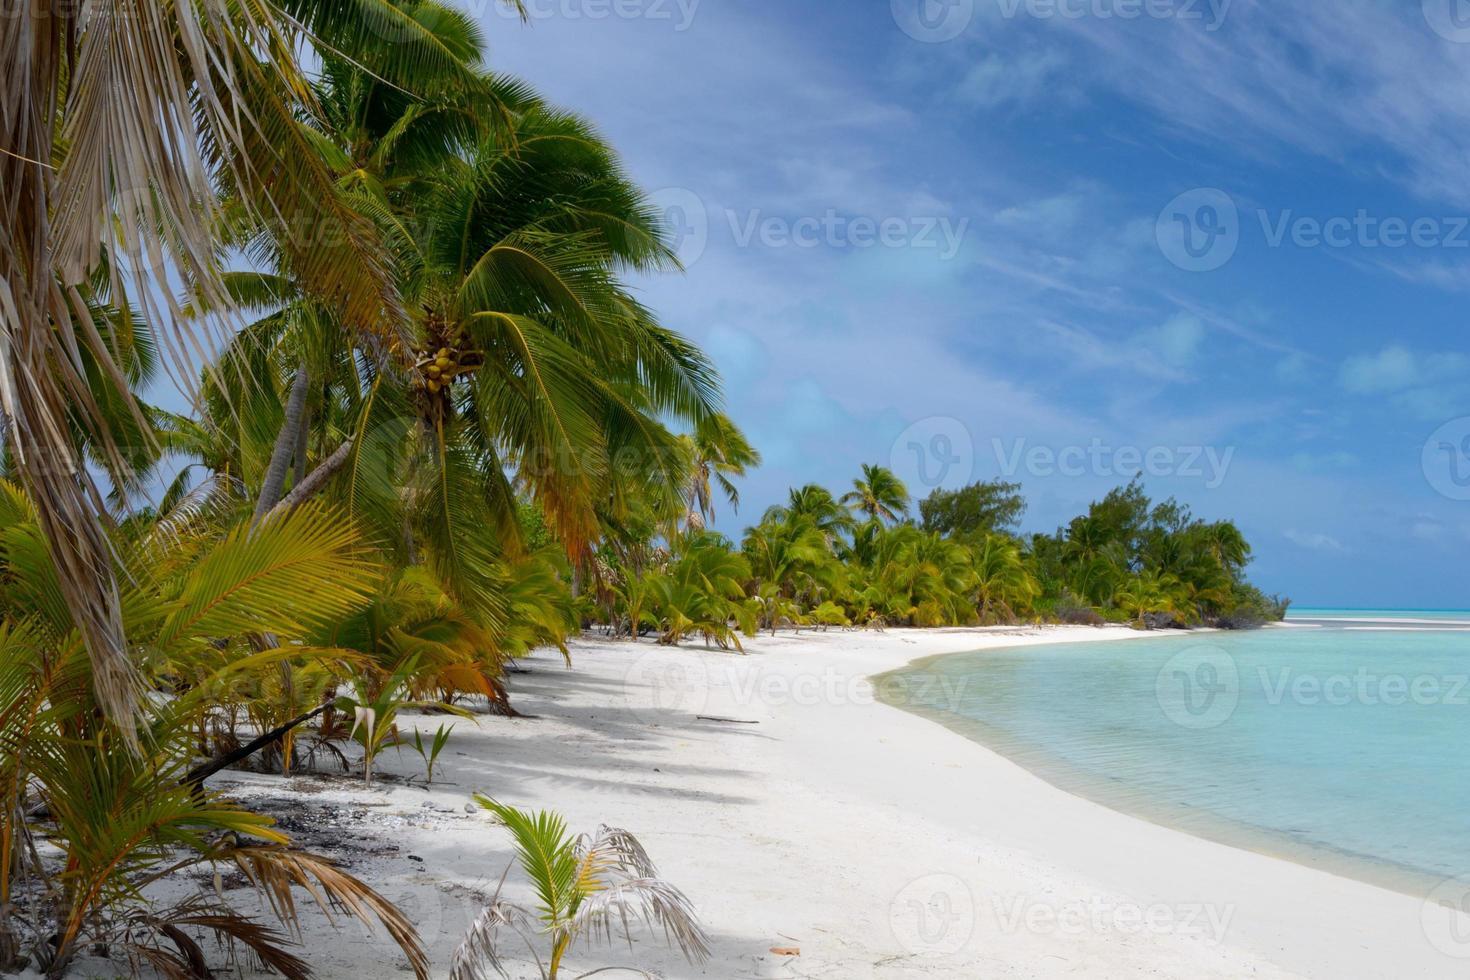 Wüstenstrand auf einer abgelegenen Insel foto